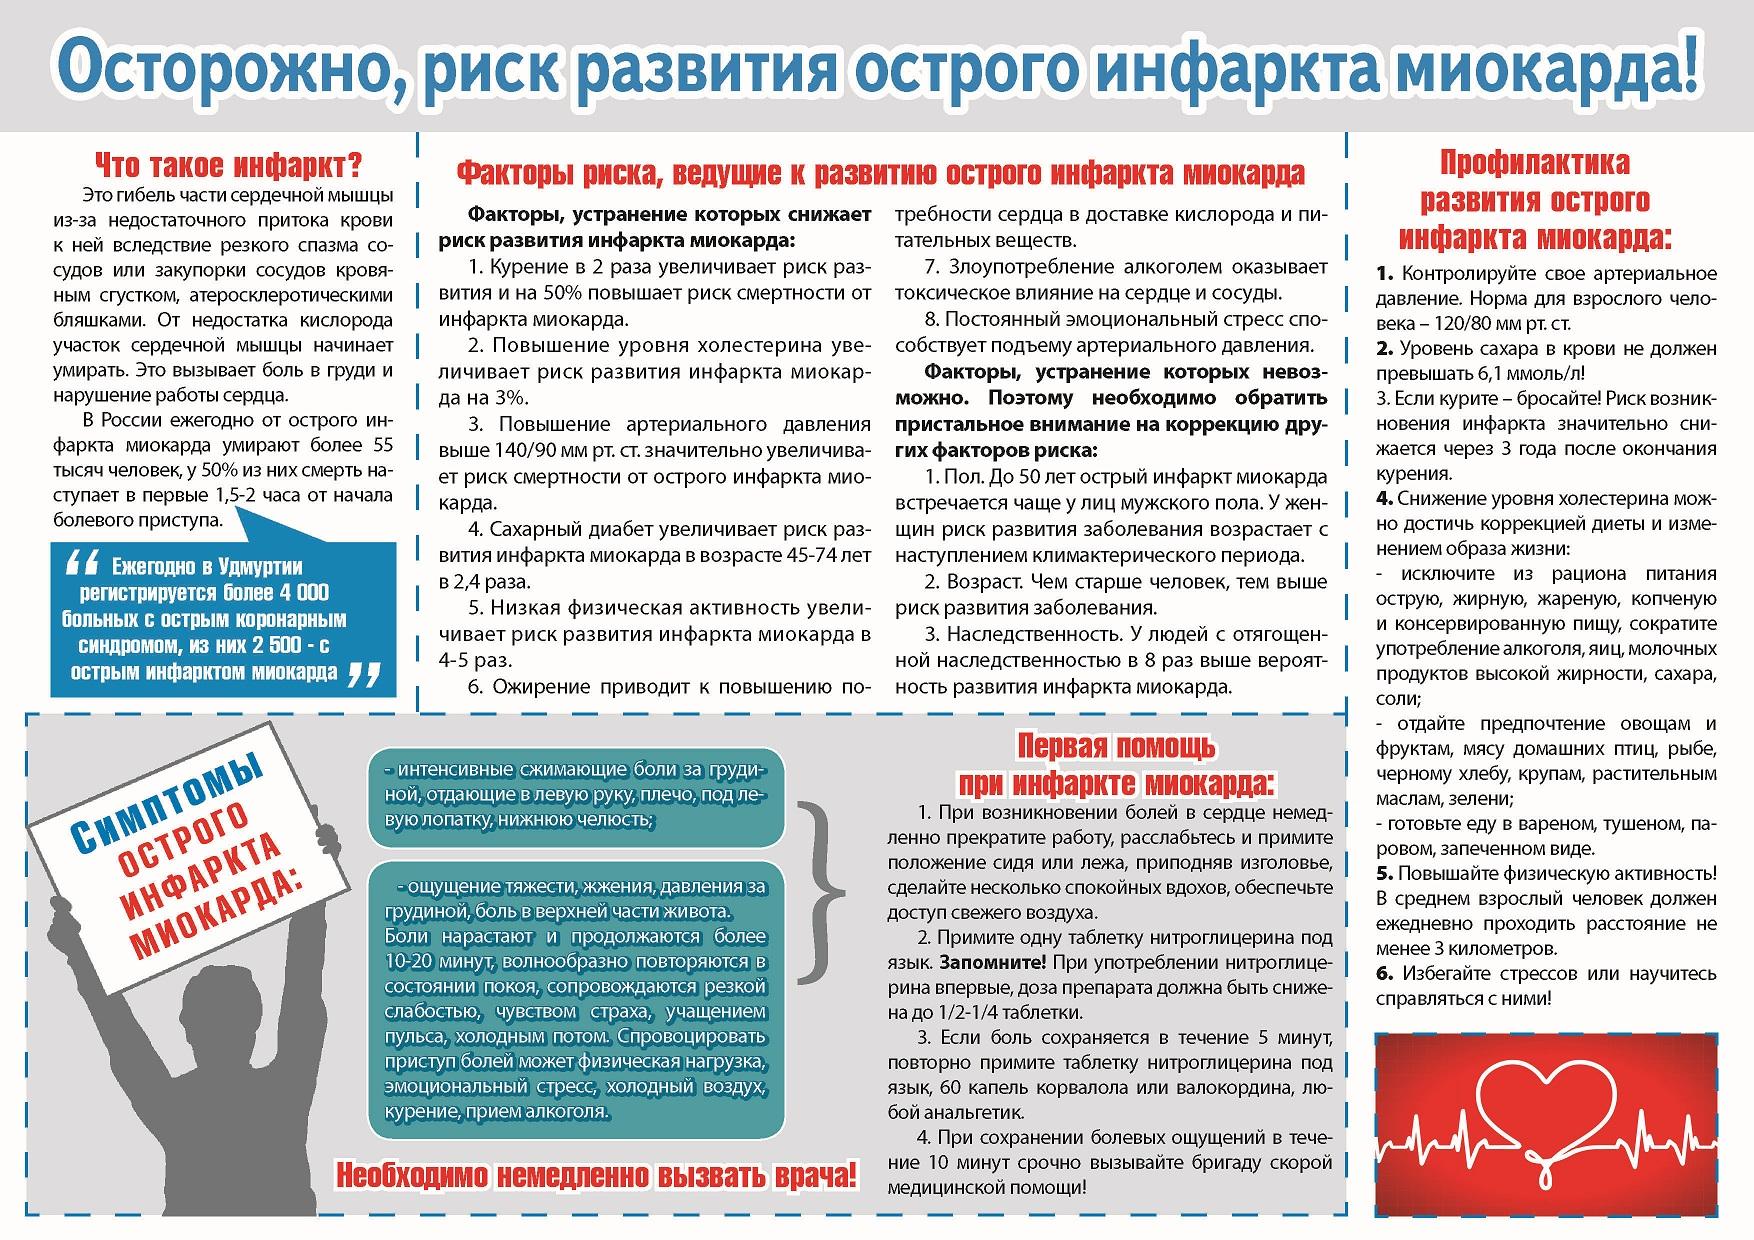 Факторы риска и меры предотвращения ИМ